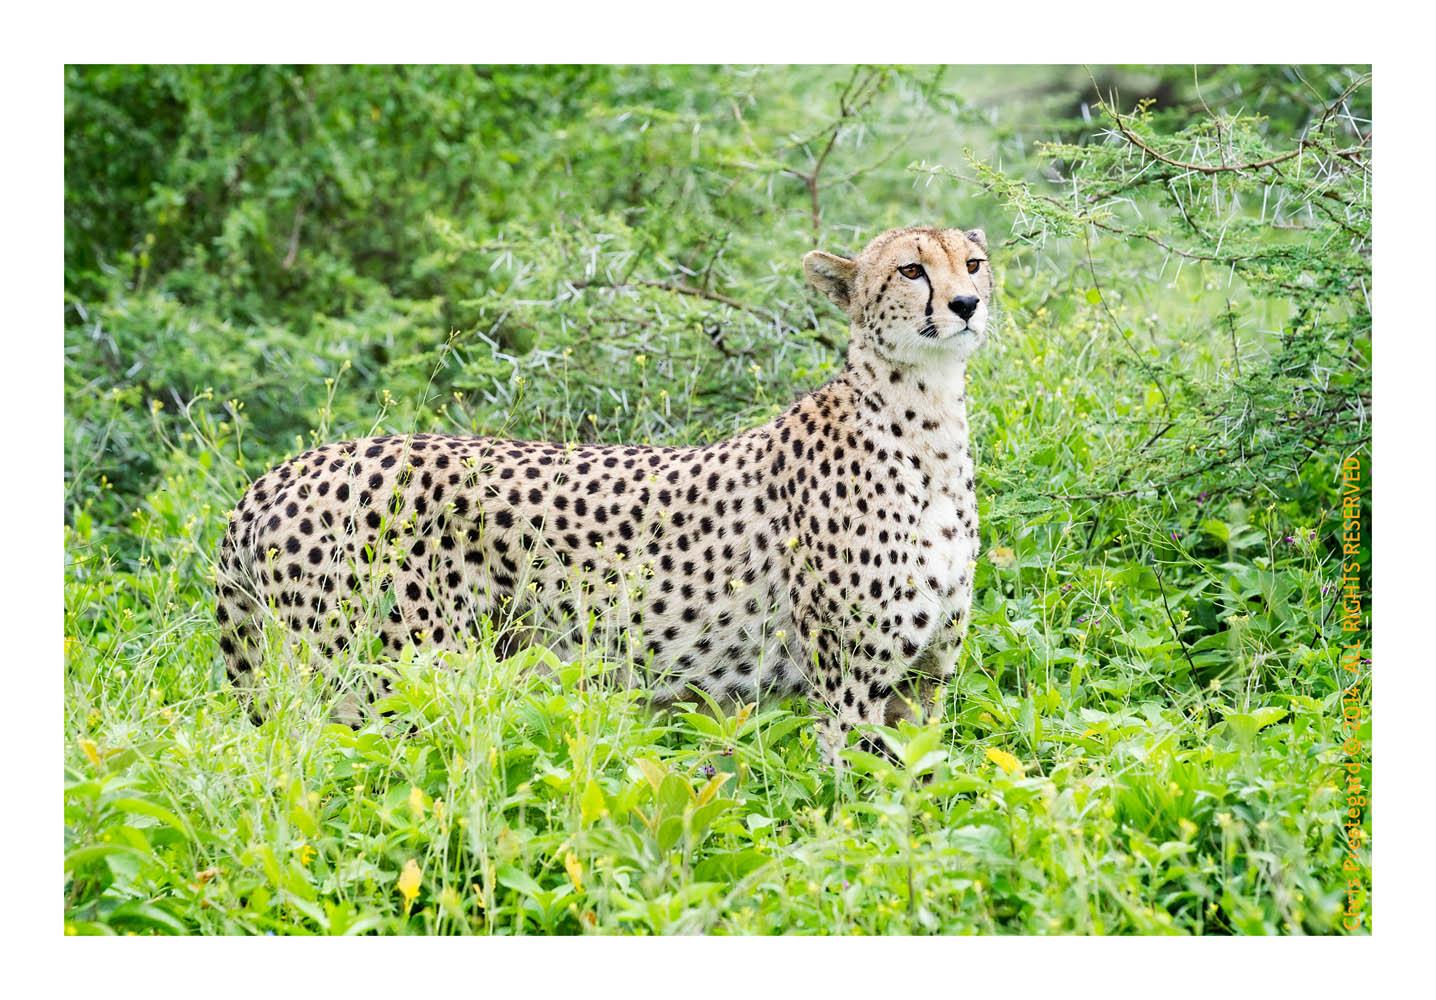 CheetahCub3989-Apr22-2014